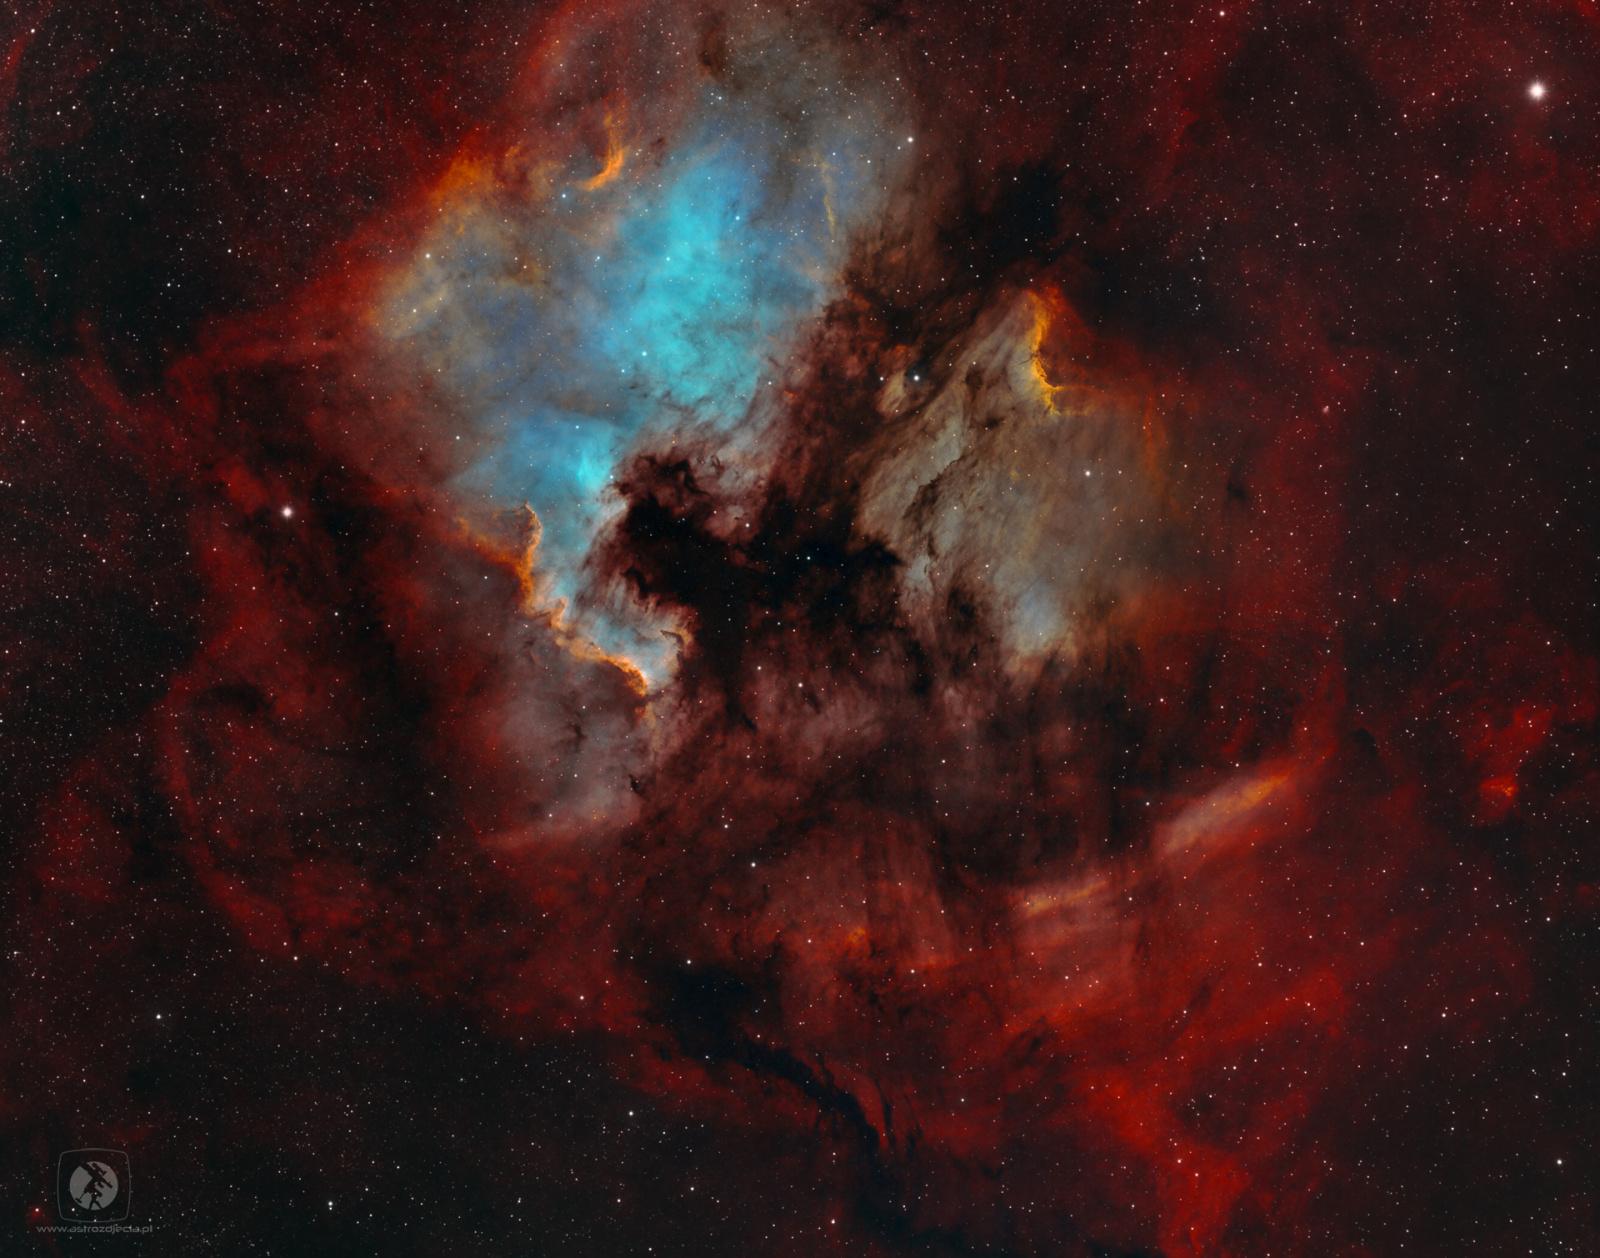 NGC7000-Amelican-final.thumb.jpg.234400e0161d8d40cd6d04a09a9cad43.jpg